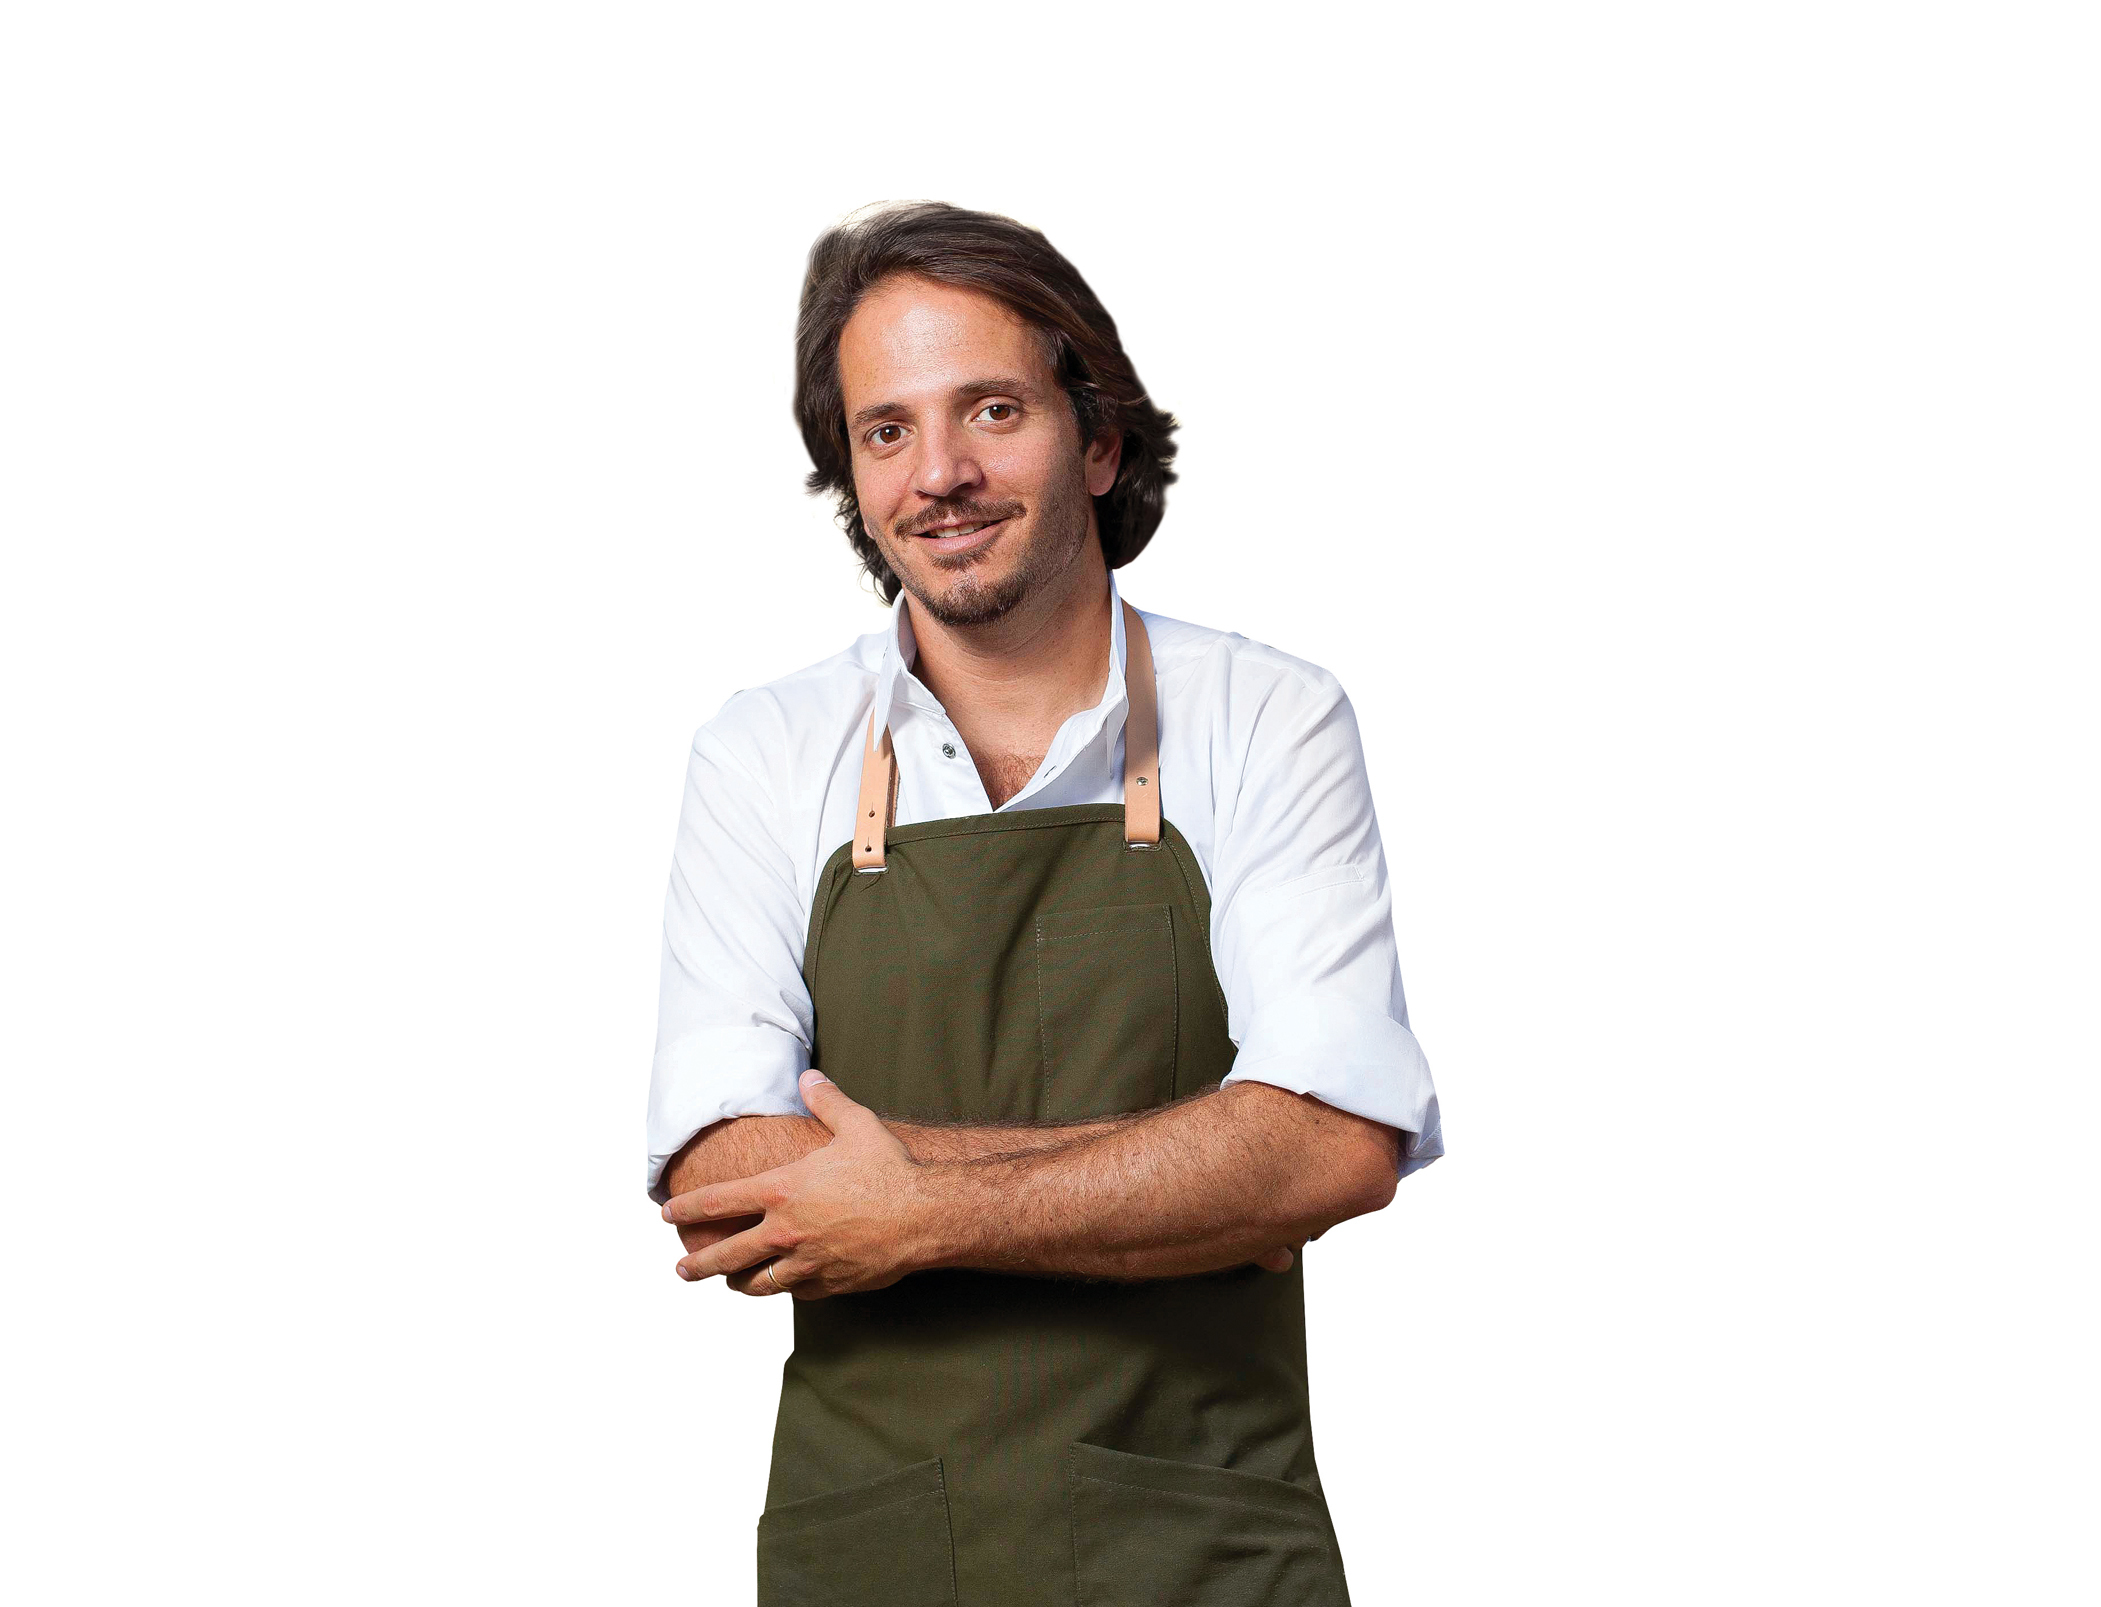 Kiko Martins: Tabasco de Jalapeno e Pasta de Harissa